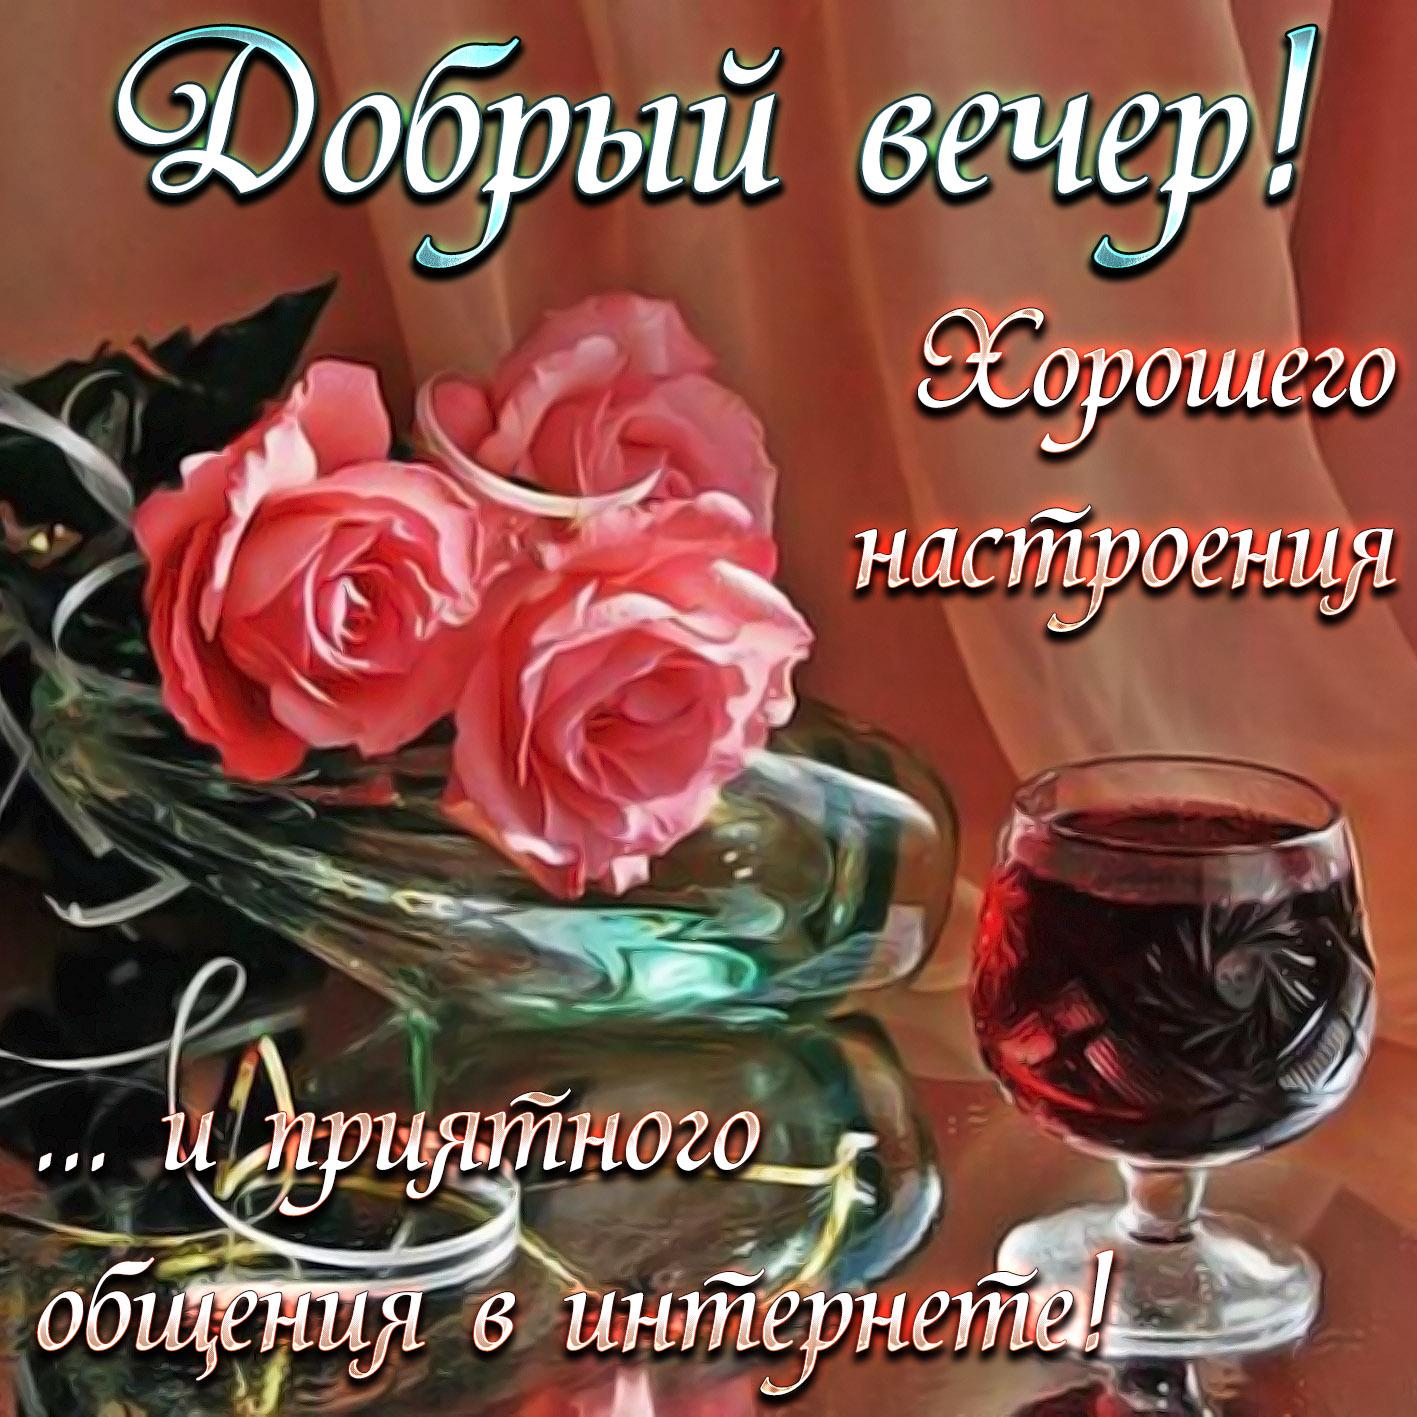 Открытка удачного вечера и хорошего настроения мужчине, день